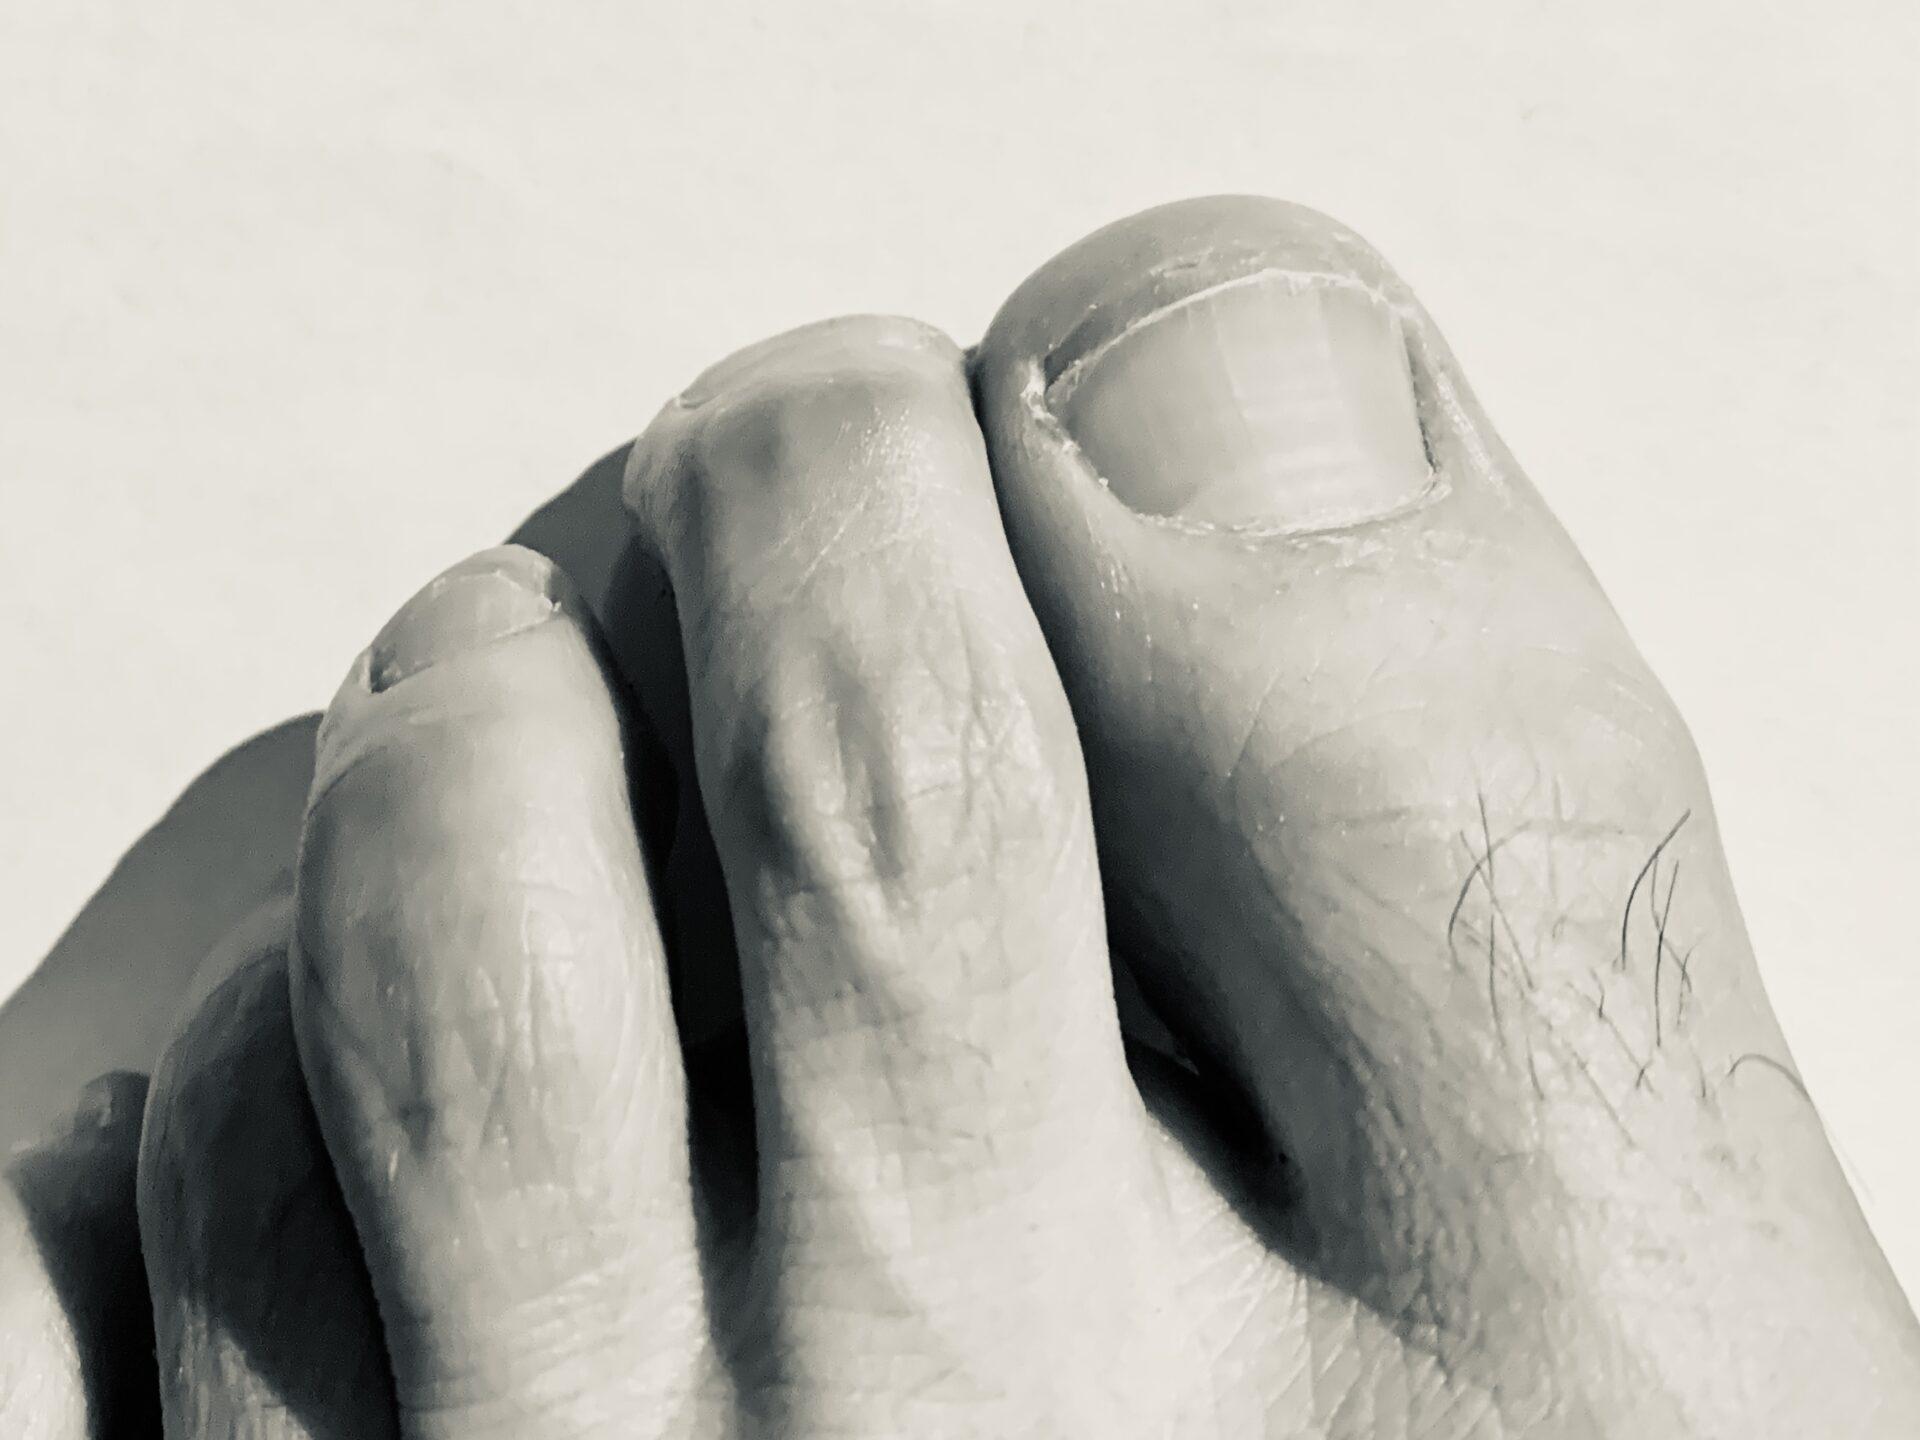 ランニンング障害、爪が剥がれる